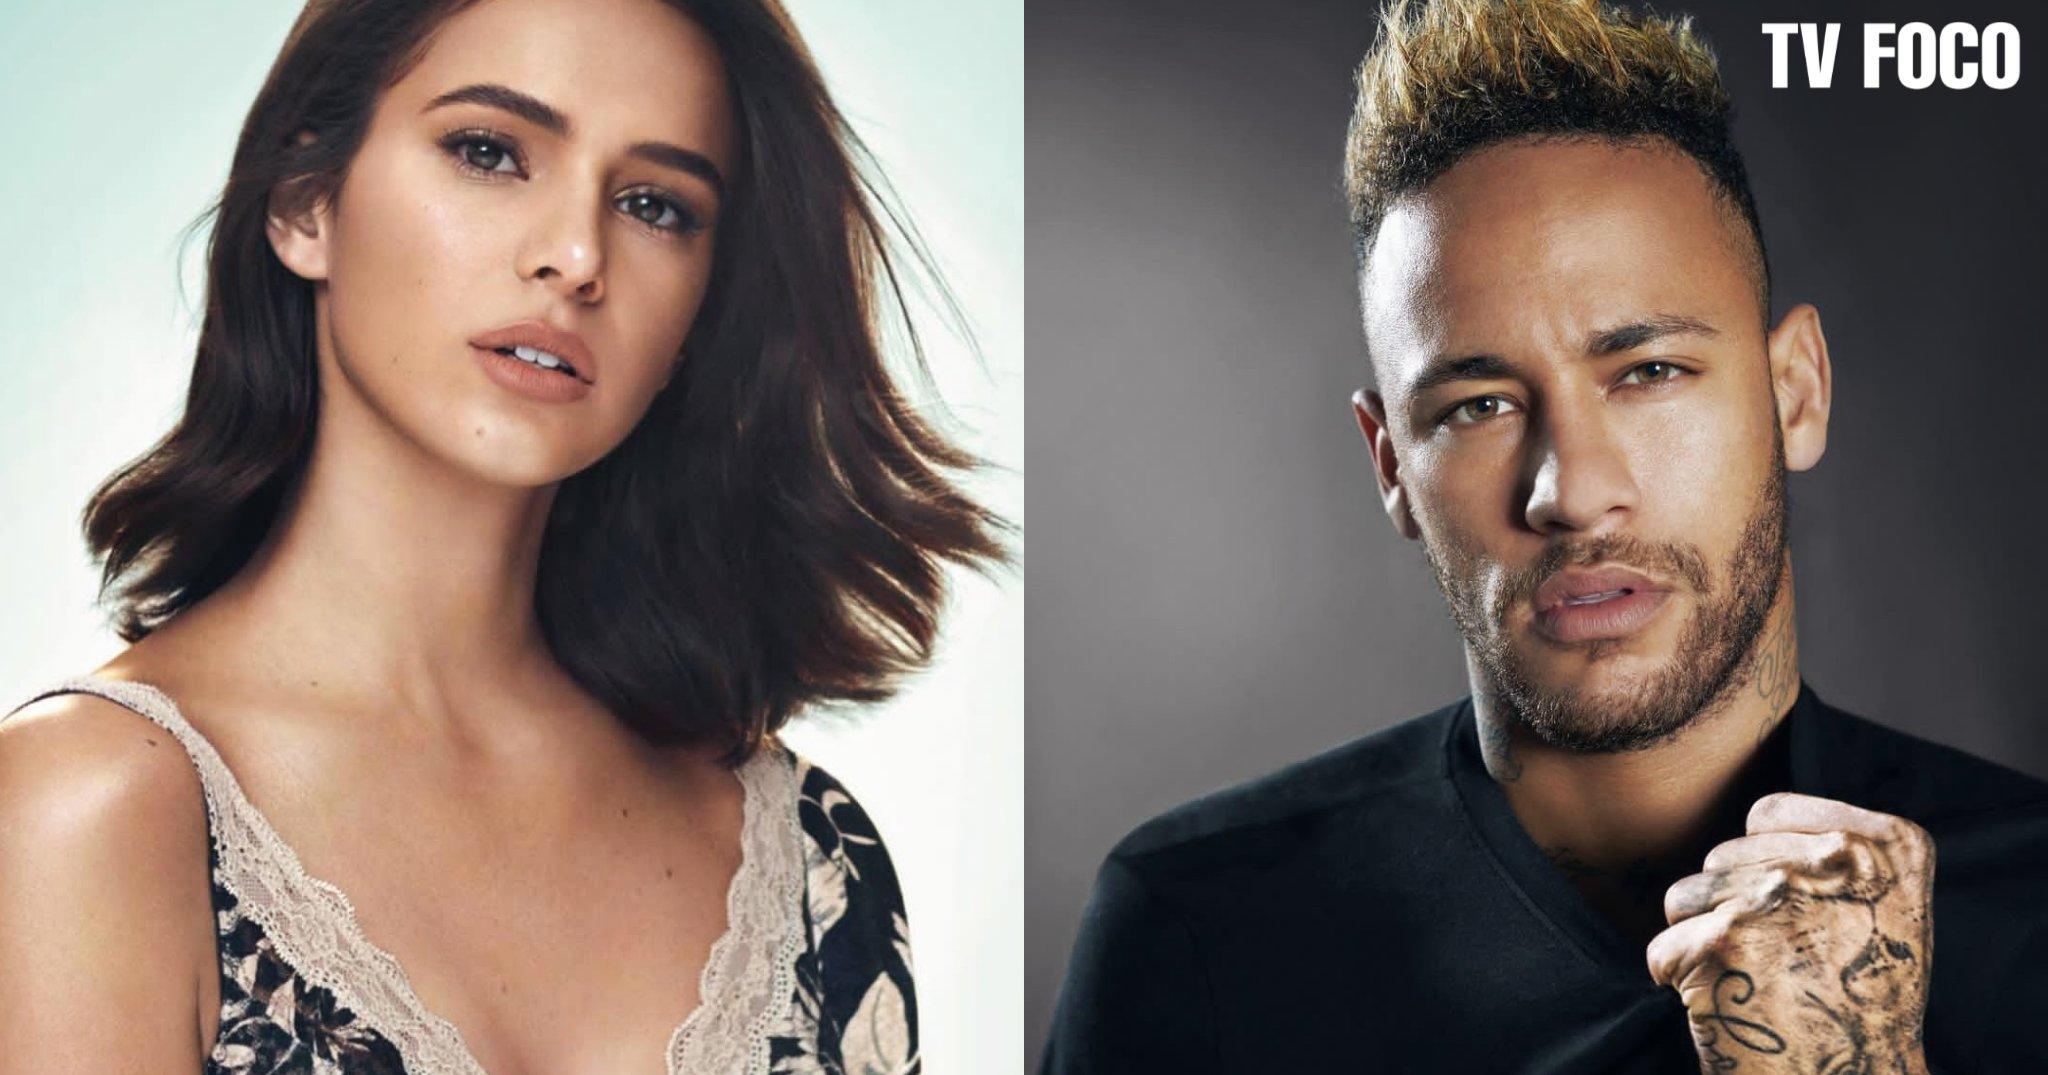 Juntos e shalow now? Neymar e Bruna Marquezine estão separados, mas estão juntos